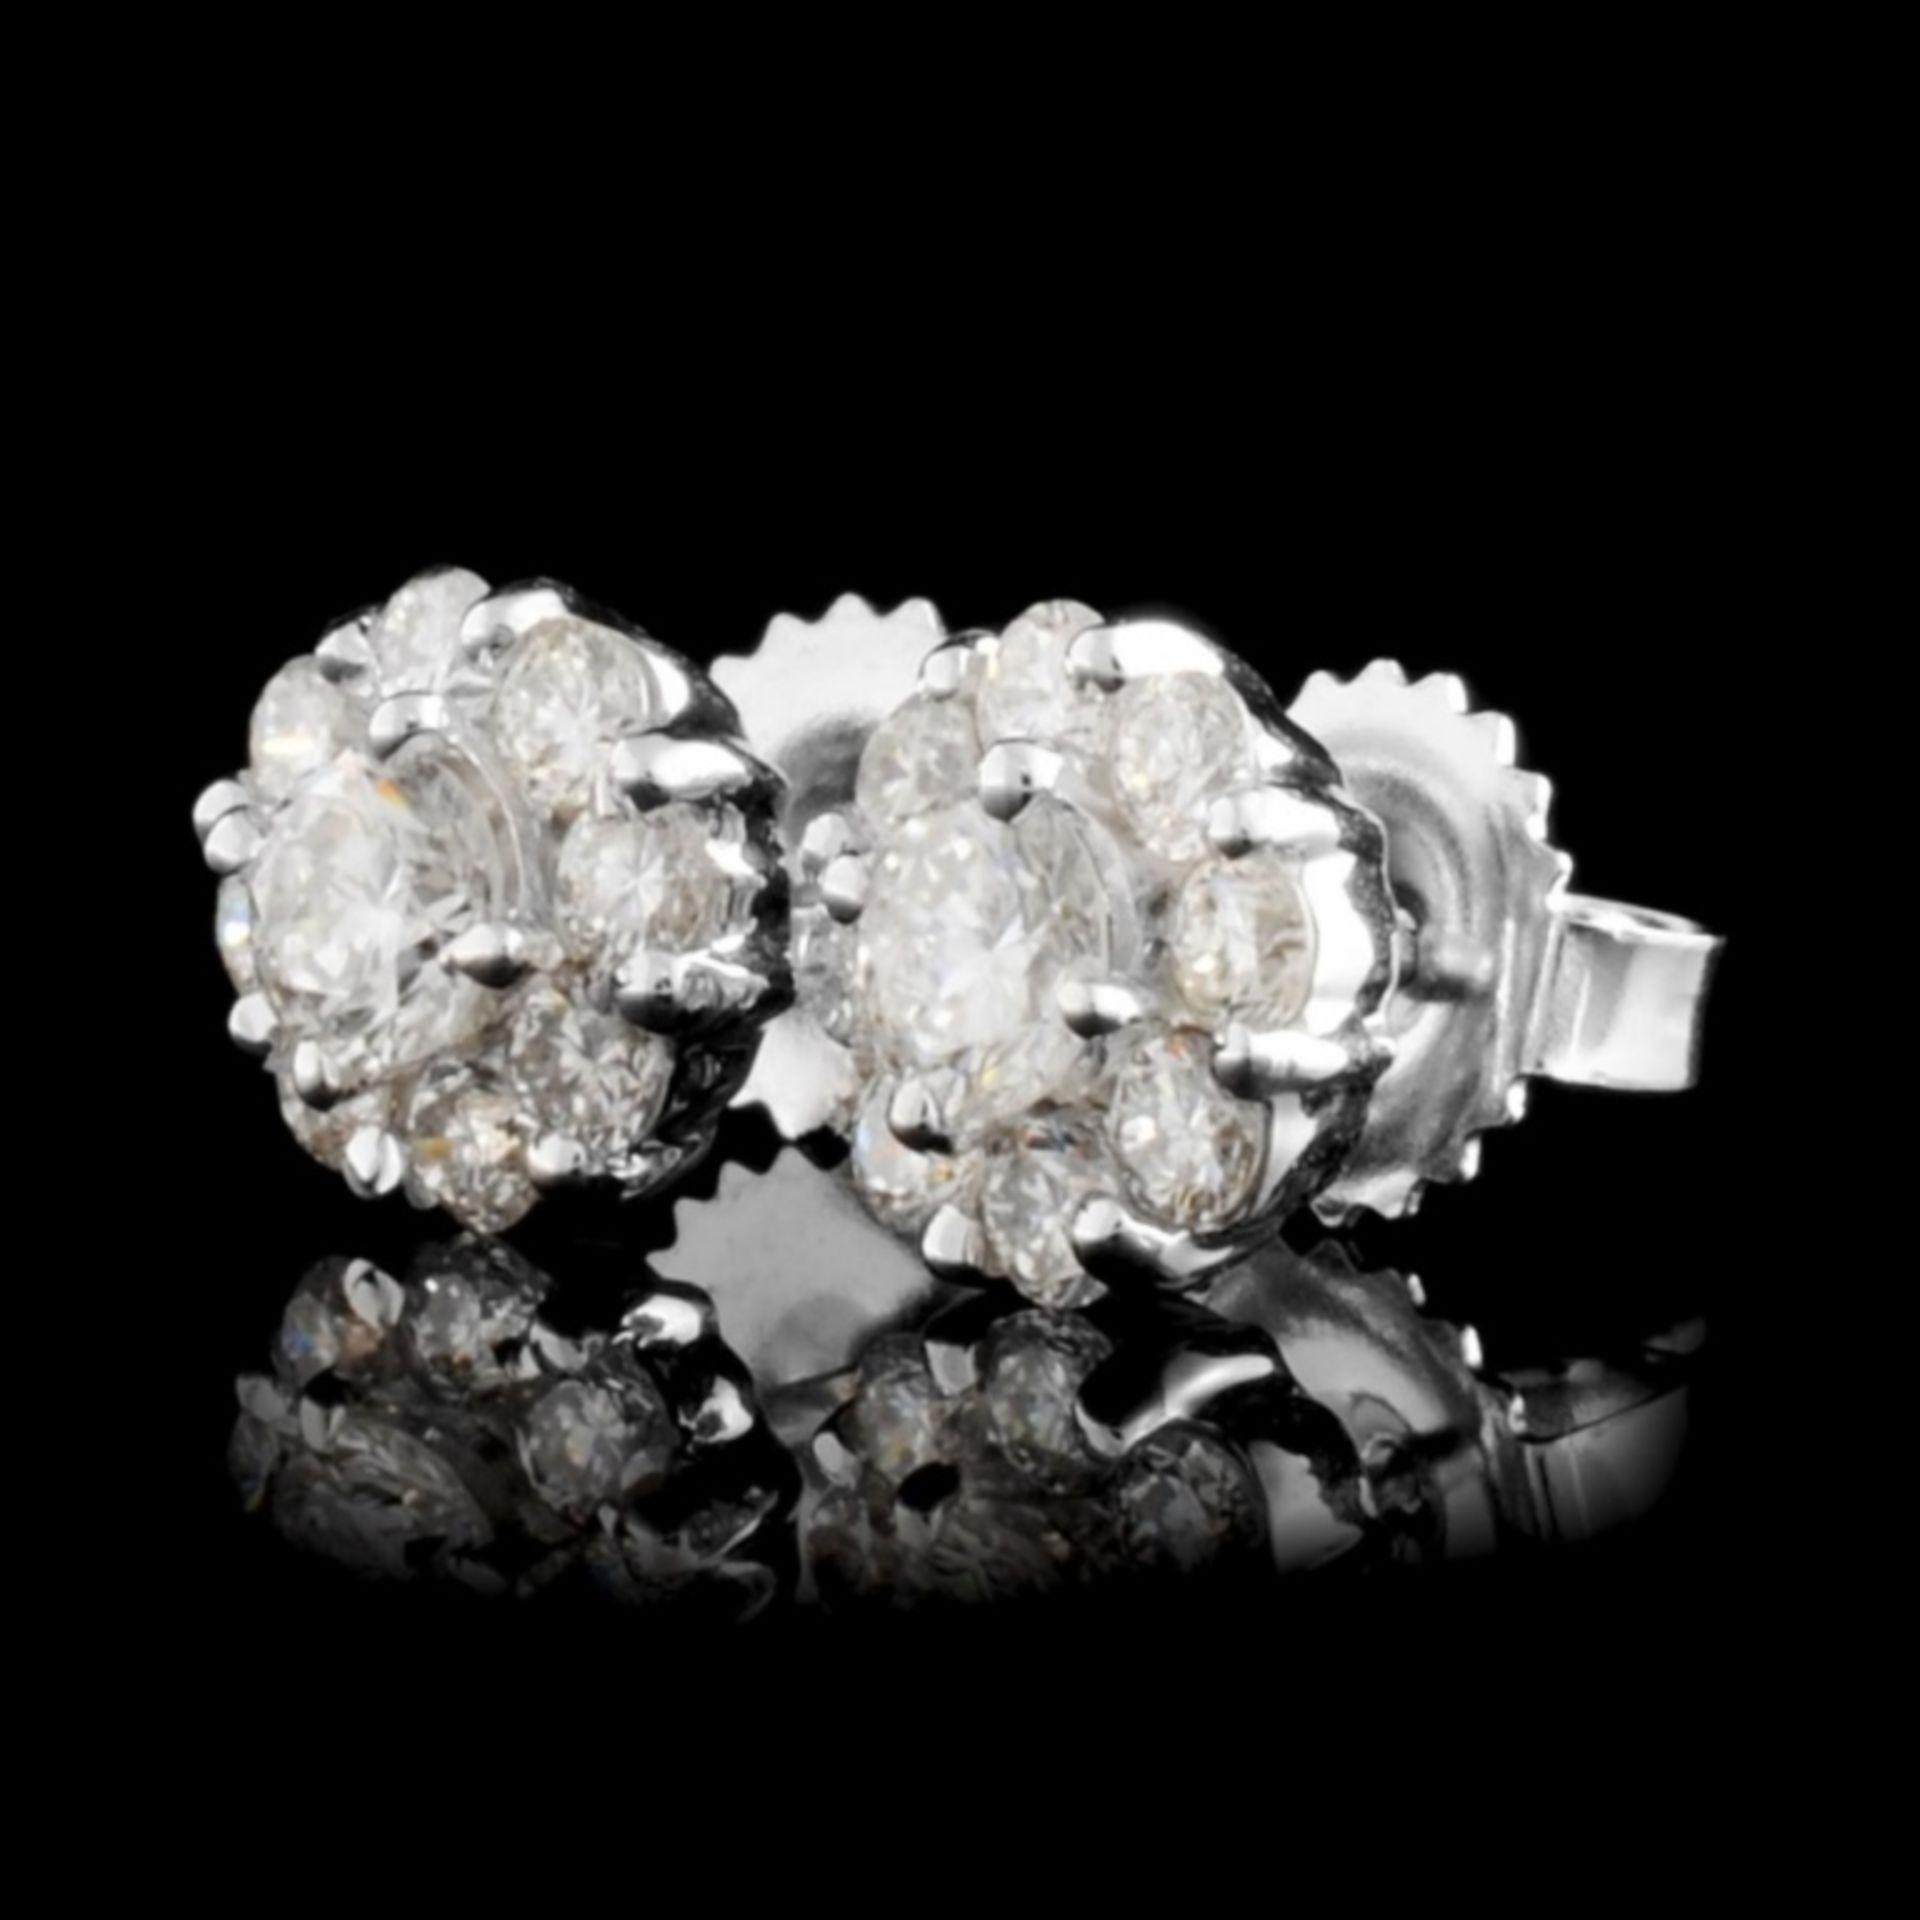 18K White Gold 1.16ctw Diamond Earrings - Image 2 of 3